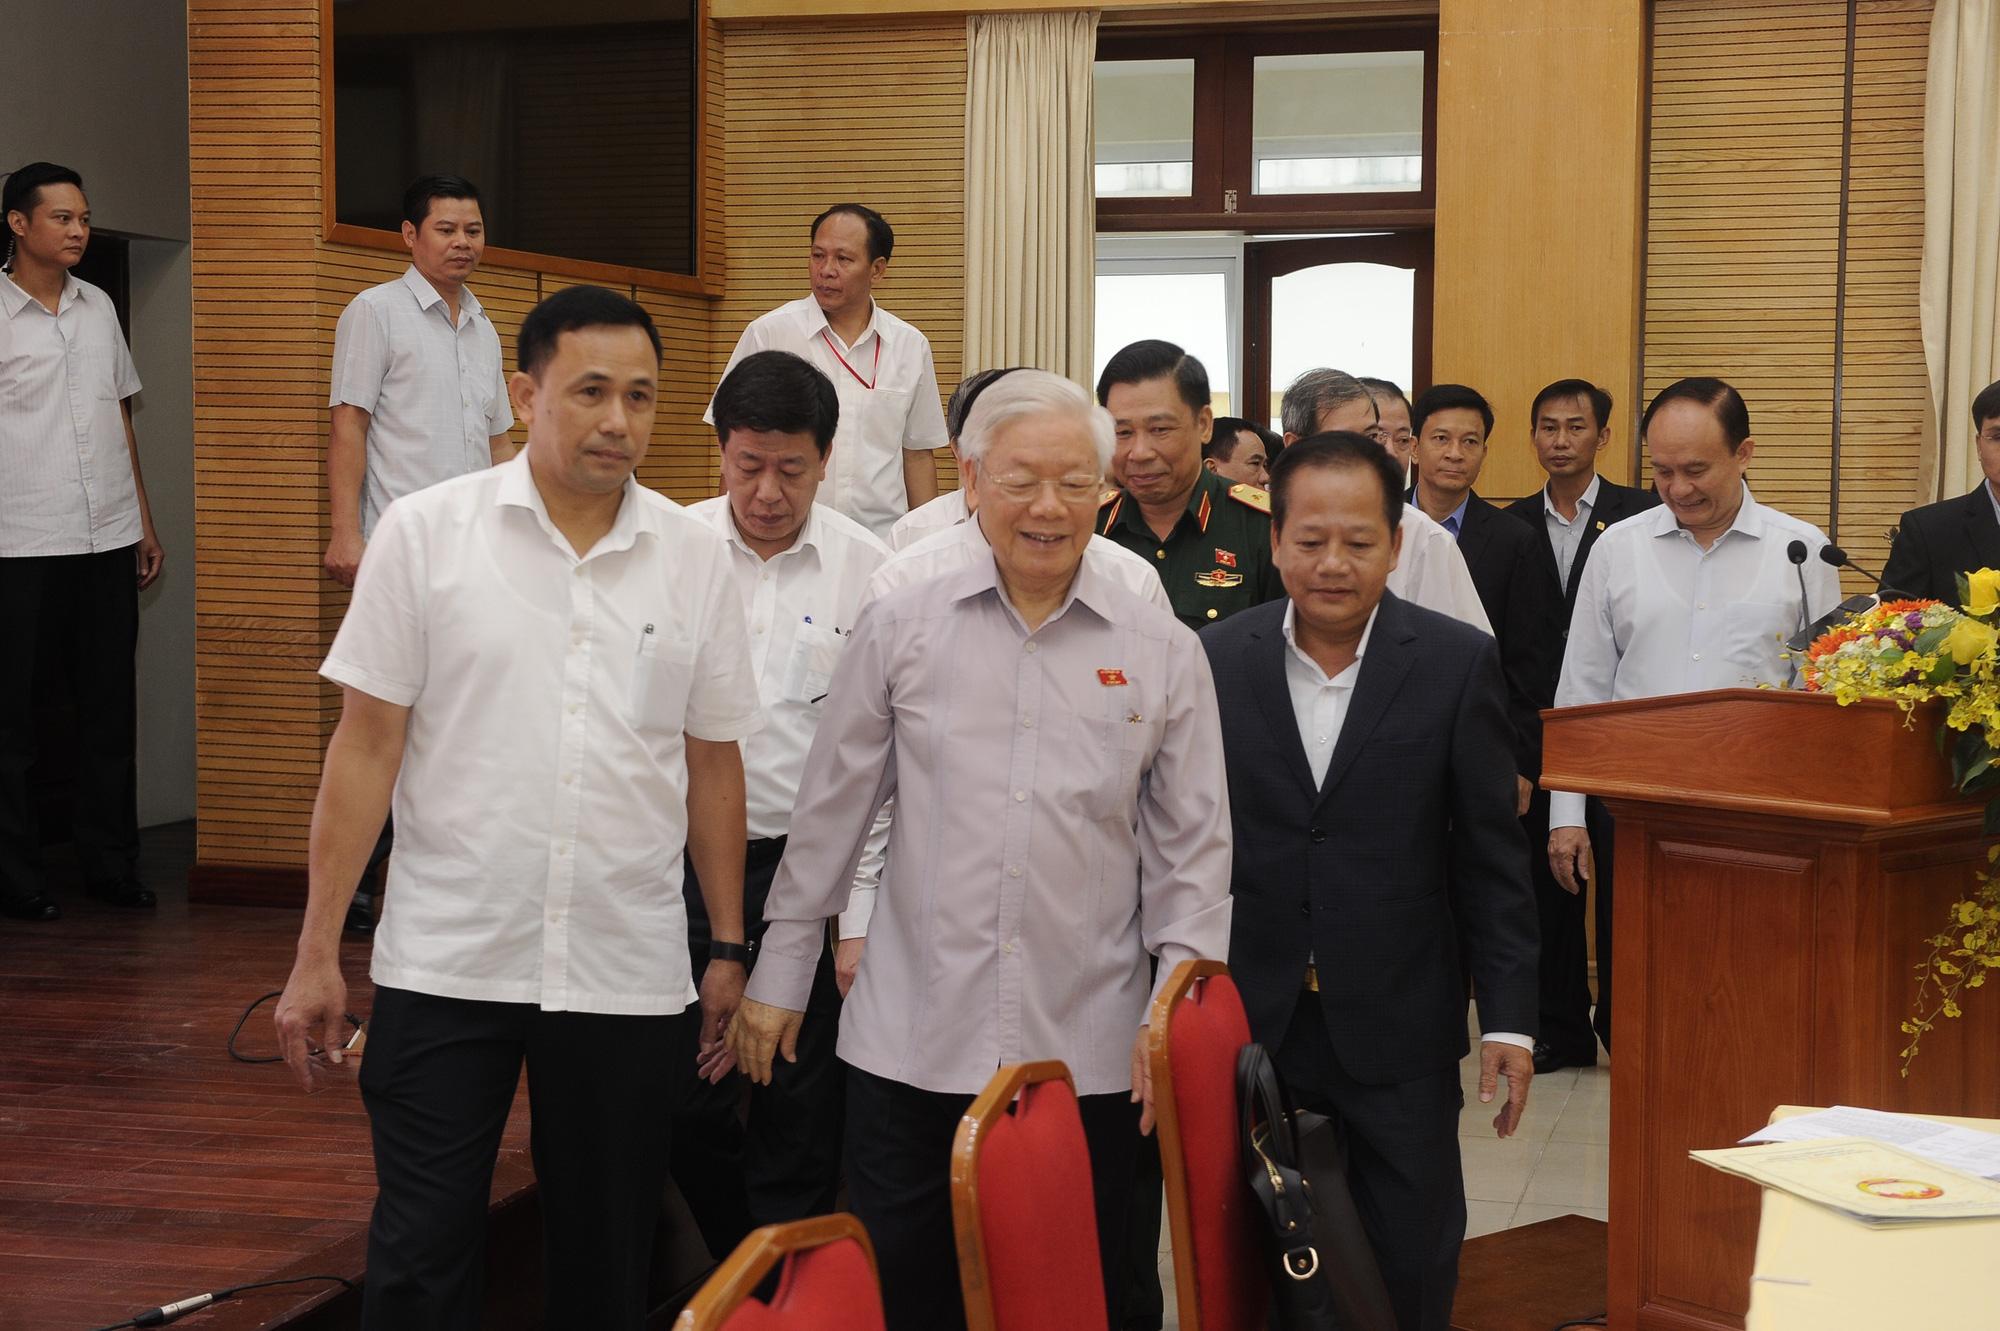 Cử tri mong Tổng Bí thư, Chủ tịch nước tiếp tục chỉ đạo mạnh hơn công tác phòng, chống tham nhũng - Ảnh 1.